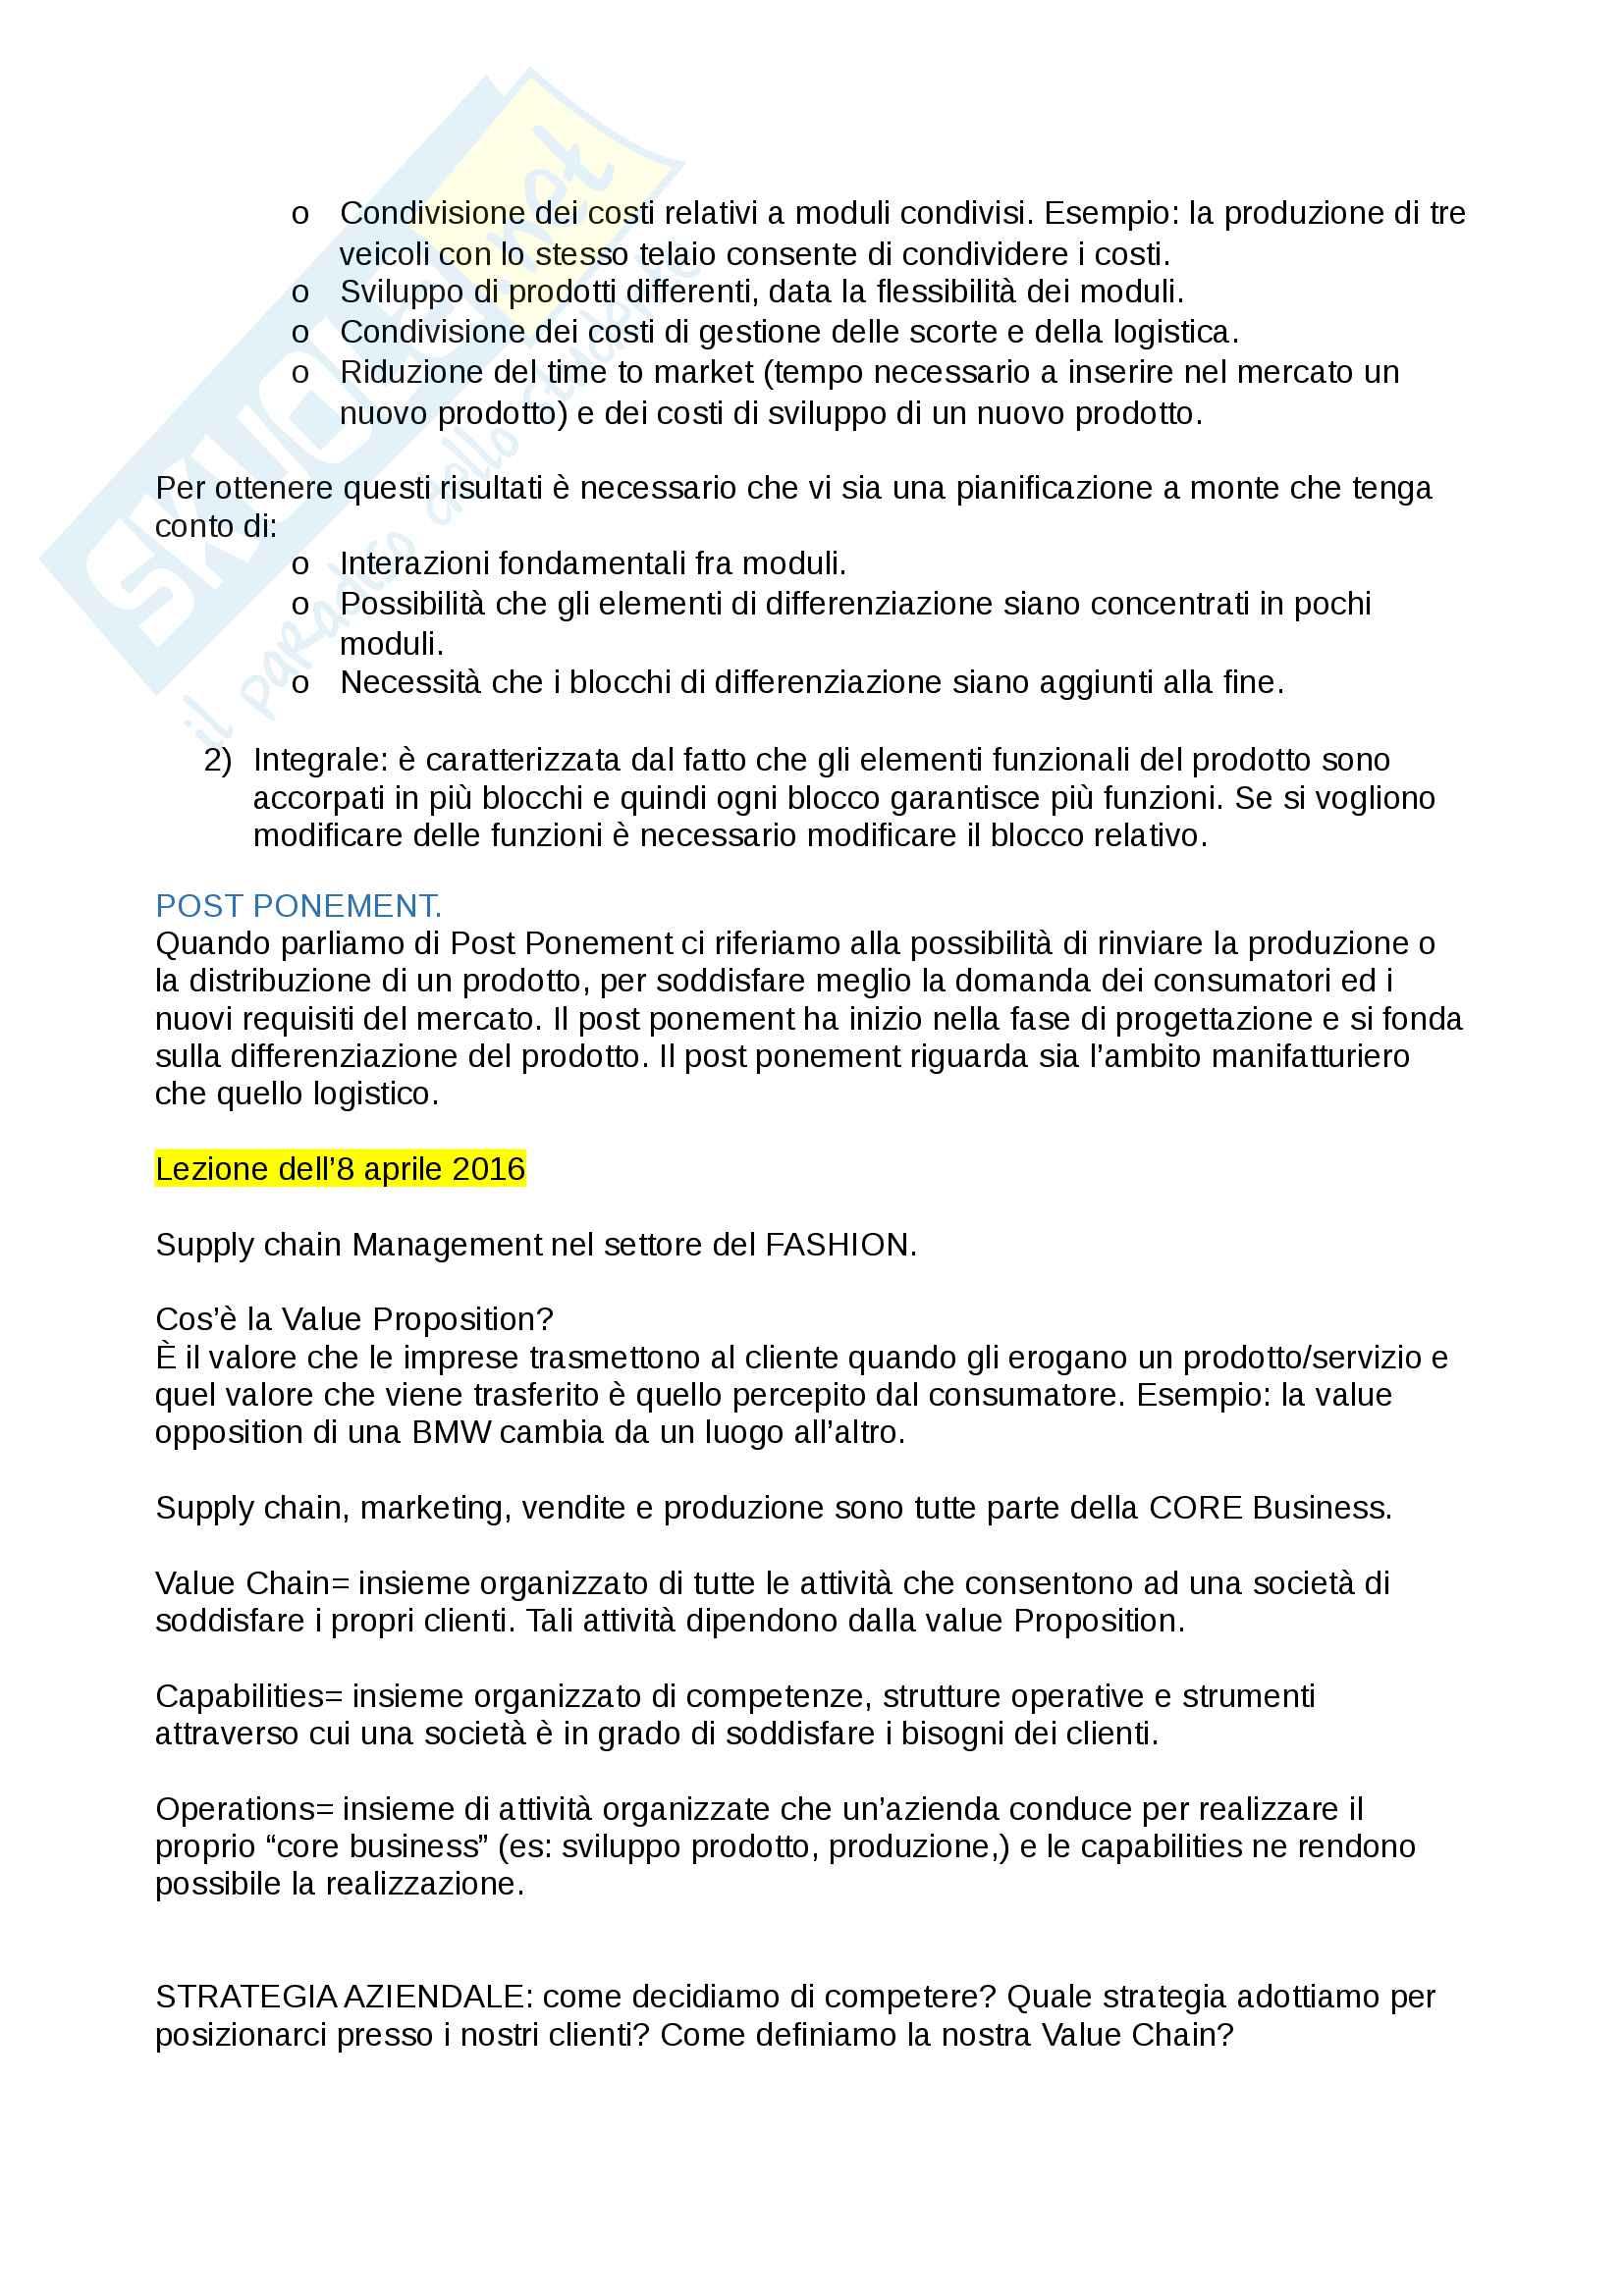 """Riassunto esame economia e gestione d'impresa (EGI), prof. Crespi, Serio e Baroncelli. Libri consigliati:""""Economia e gestione delle imprese"""" e """"Operations Management"""" Pag. 26"""